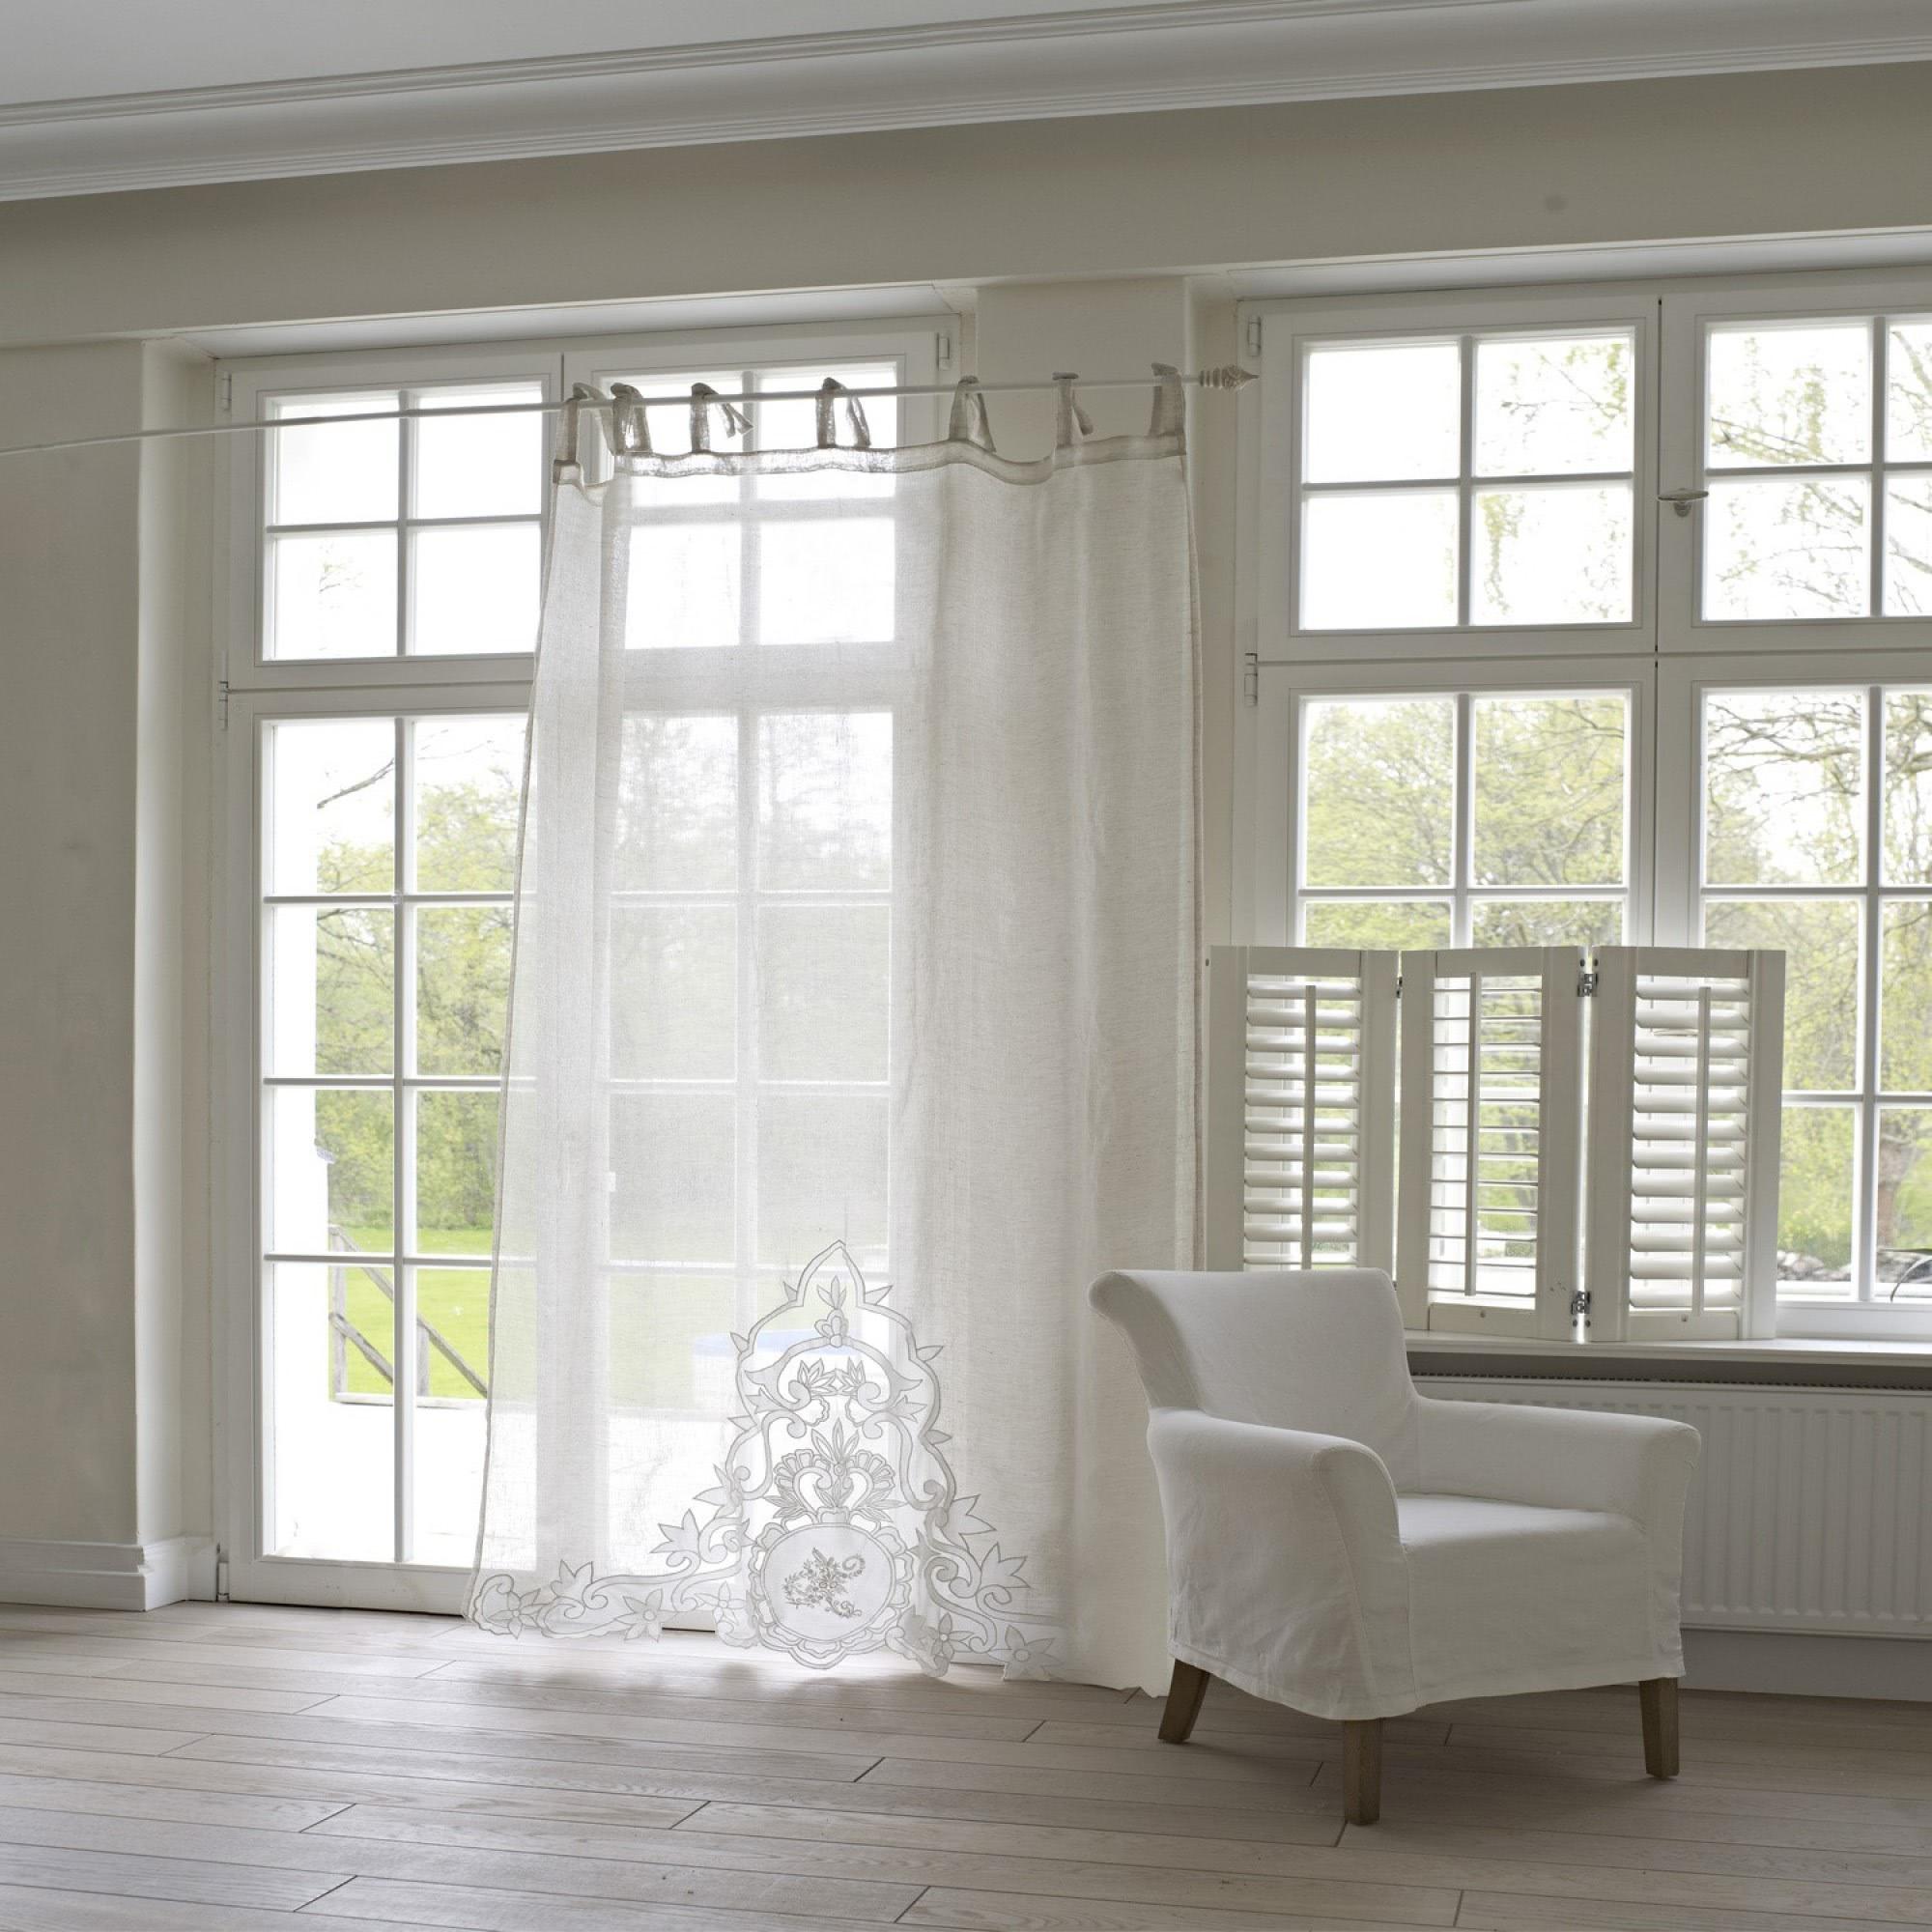 vorhang balkontr full size of gardinen set wohnzimmer. Black Bedroom Furniture Sets. Home Design Ideas